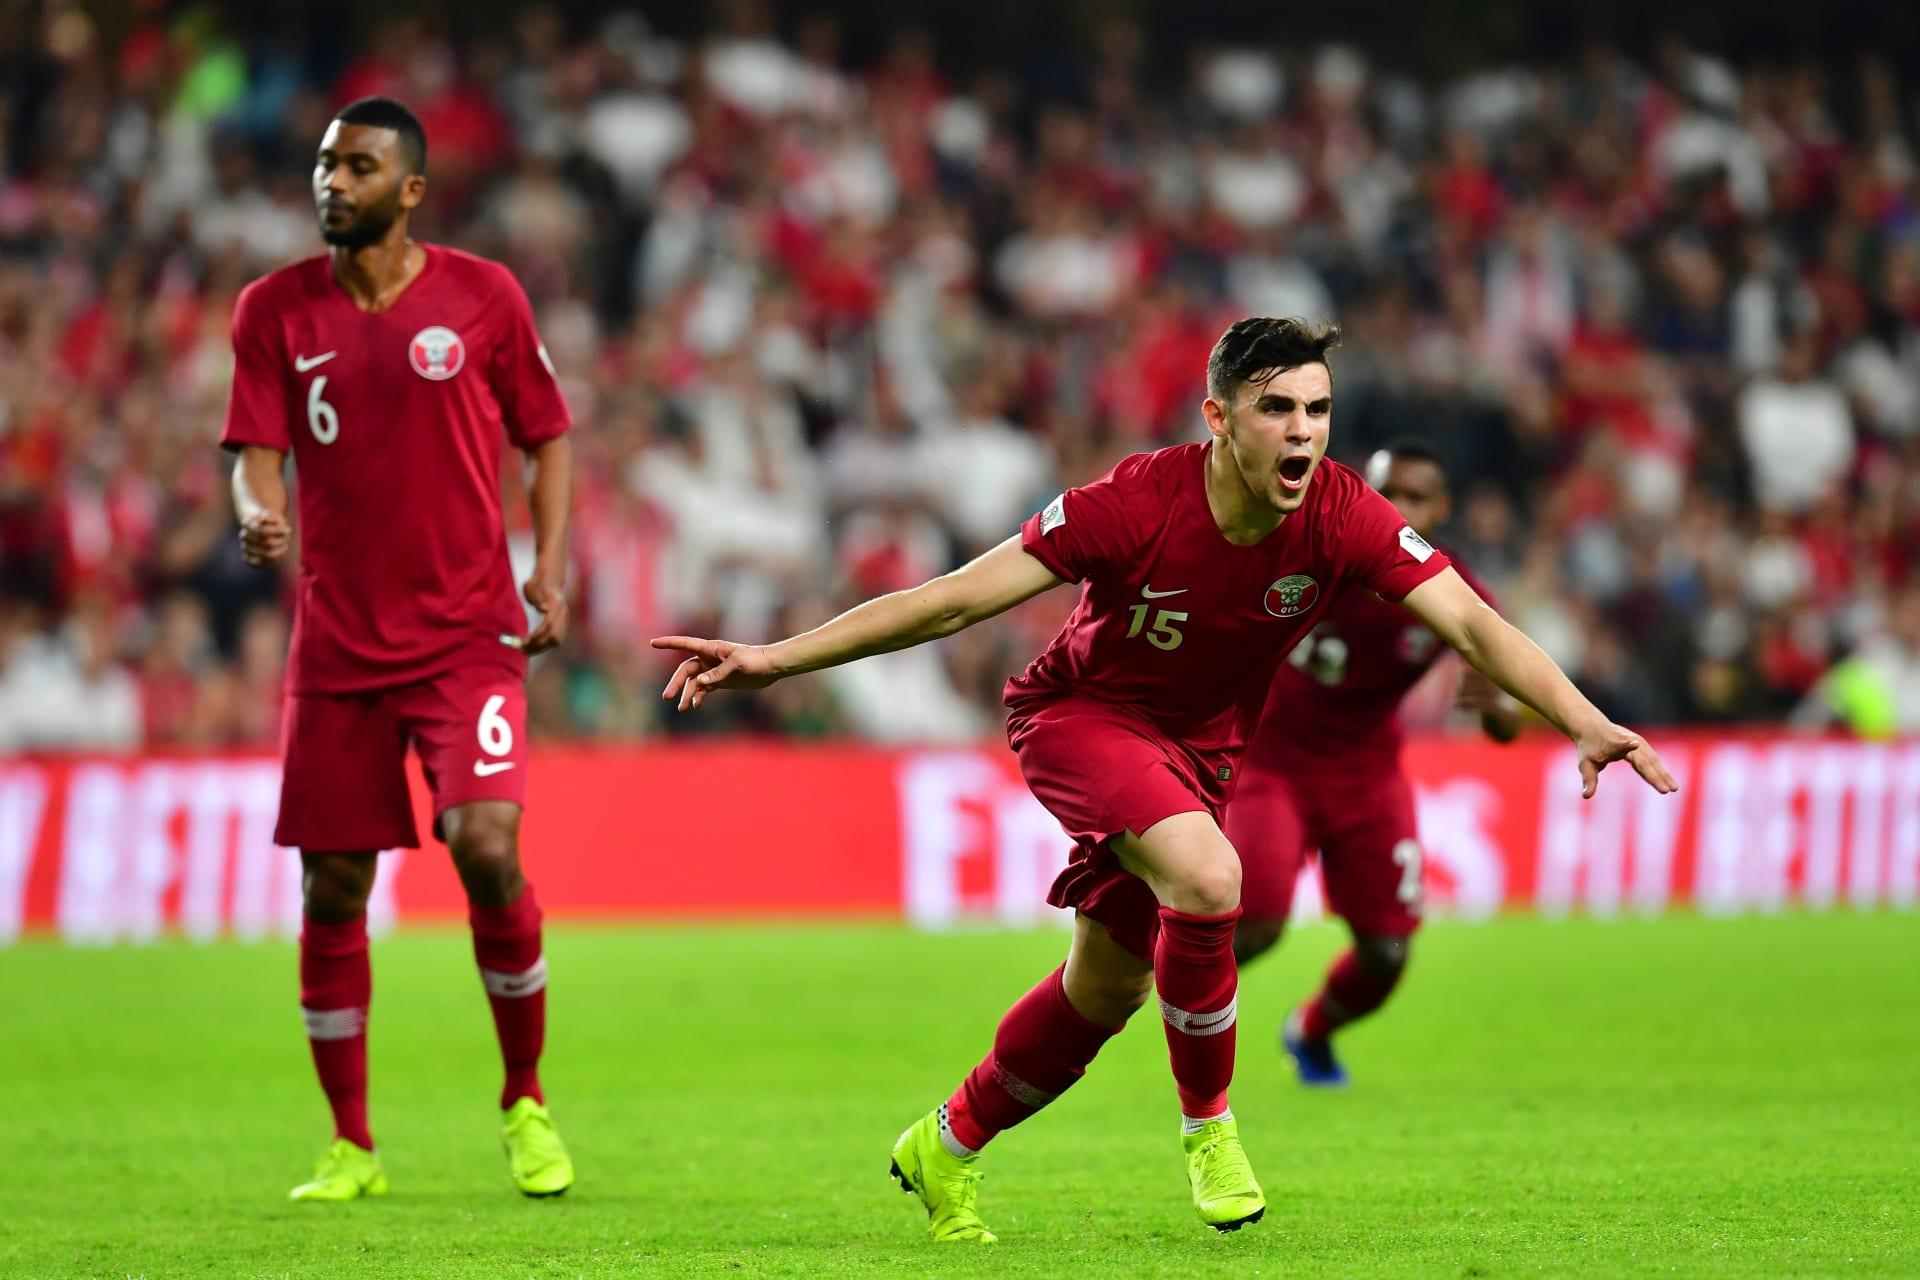 قطر تفوز على لبنان.. والسعودية تحافظ على صدارة المجموعة